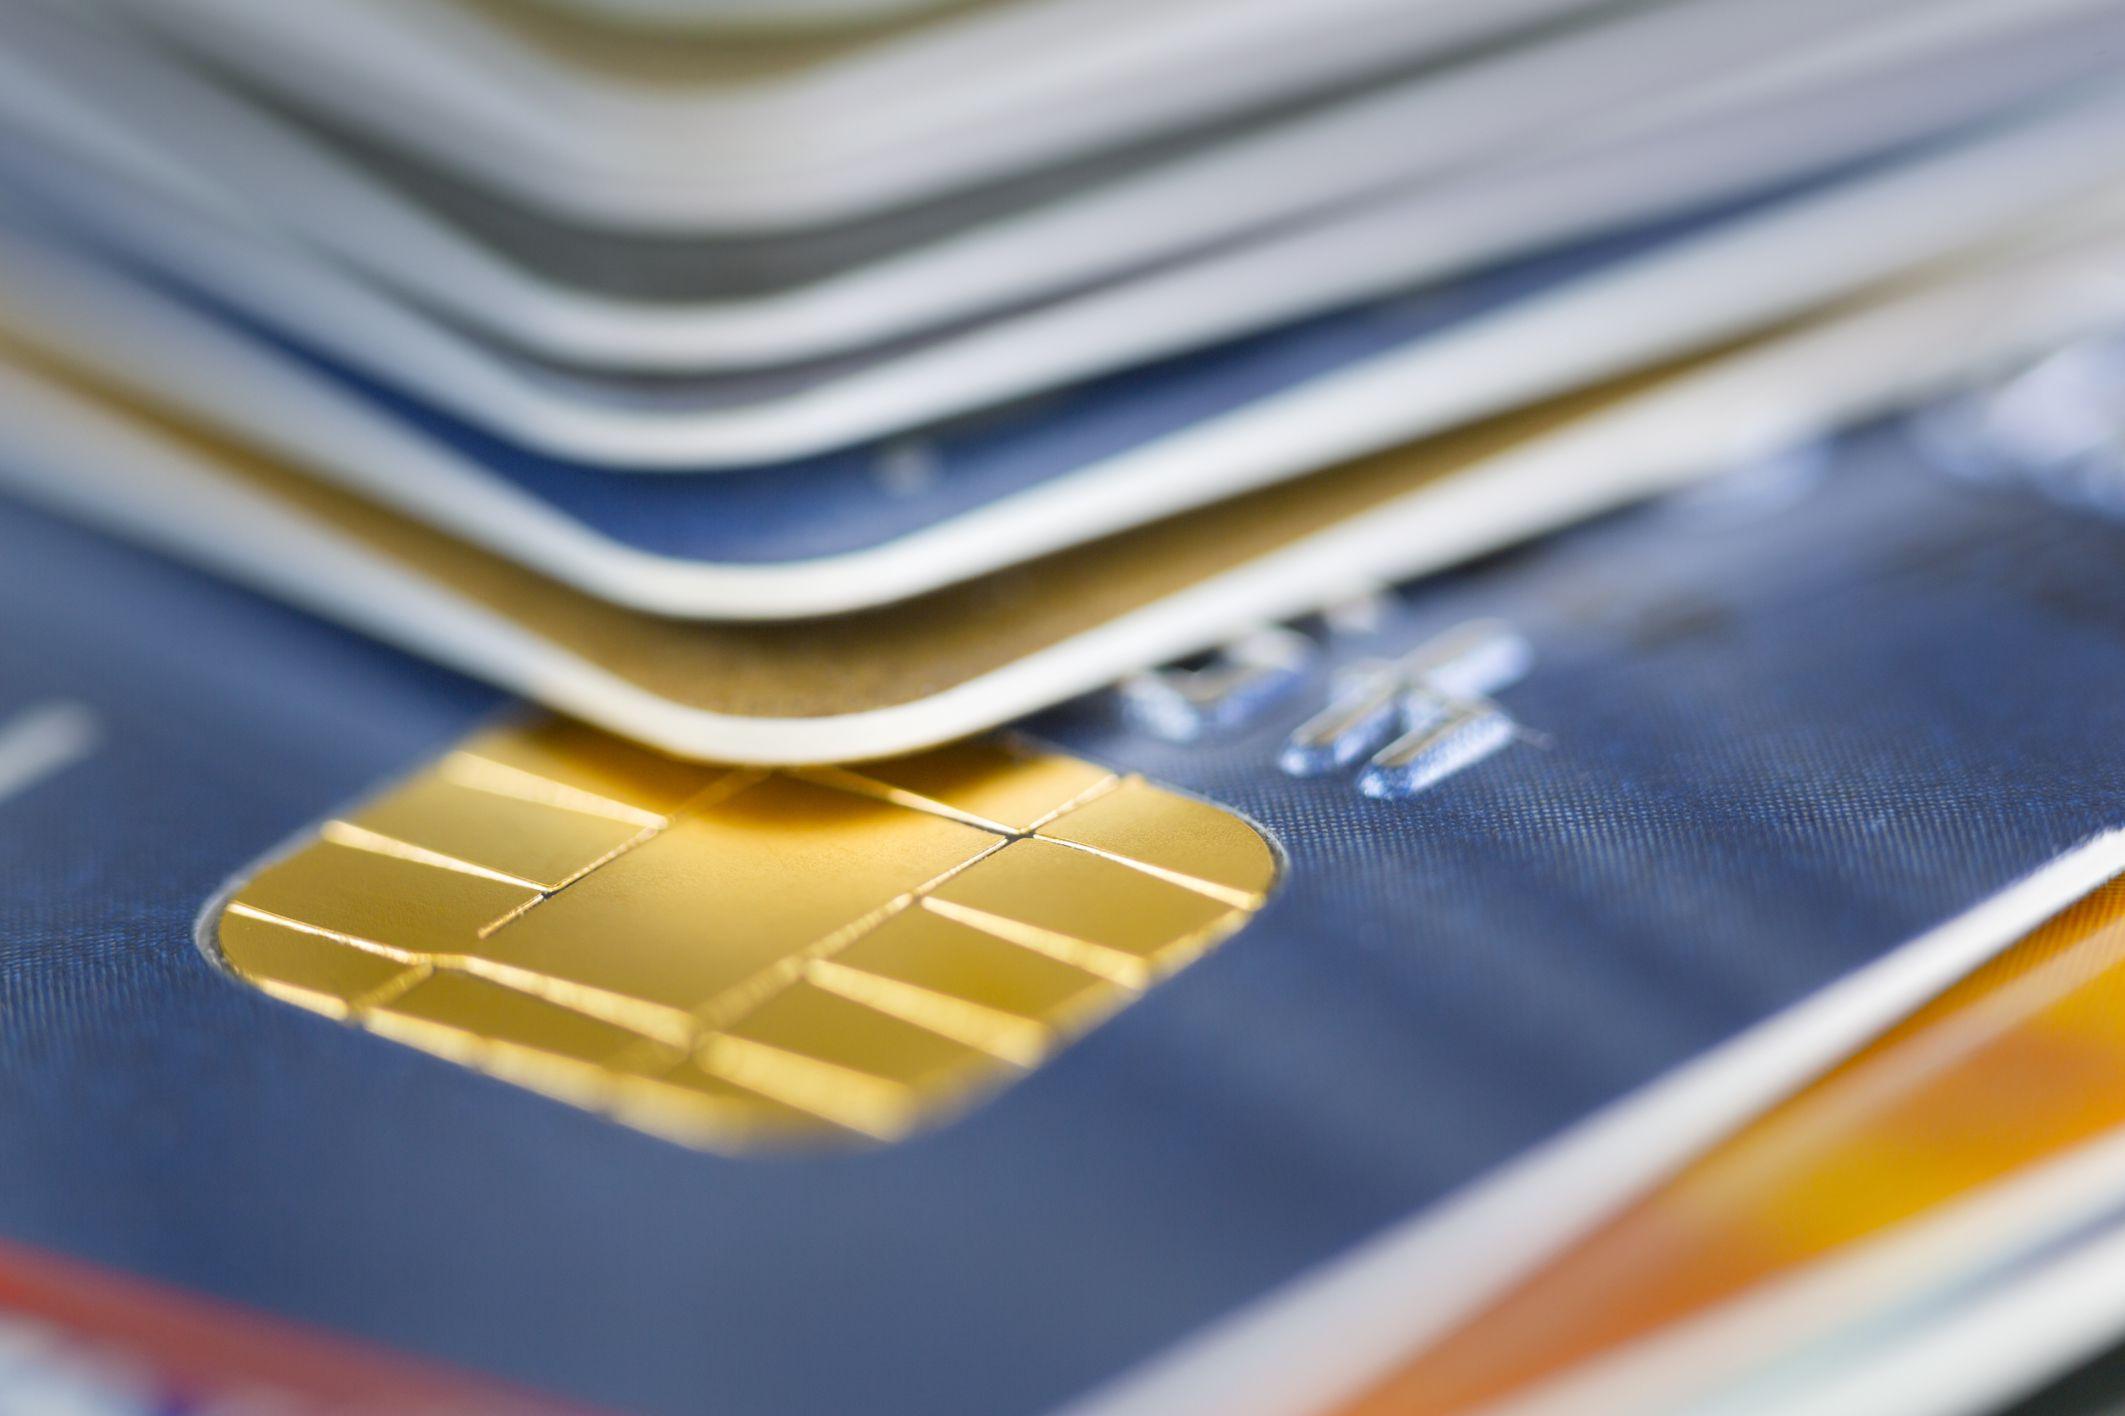 chto-takoe-kreditnaya-karta_21